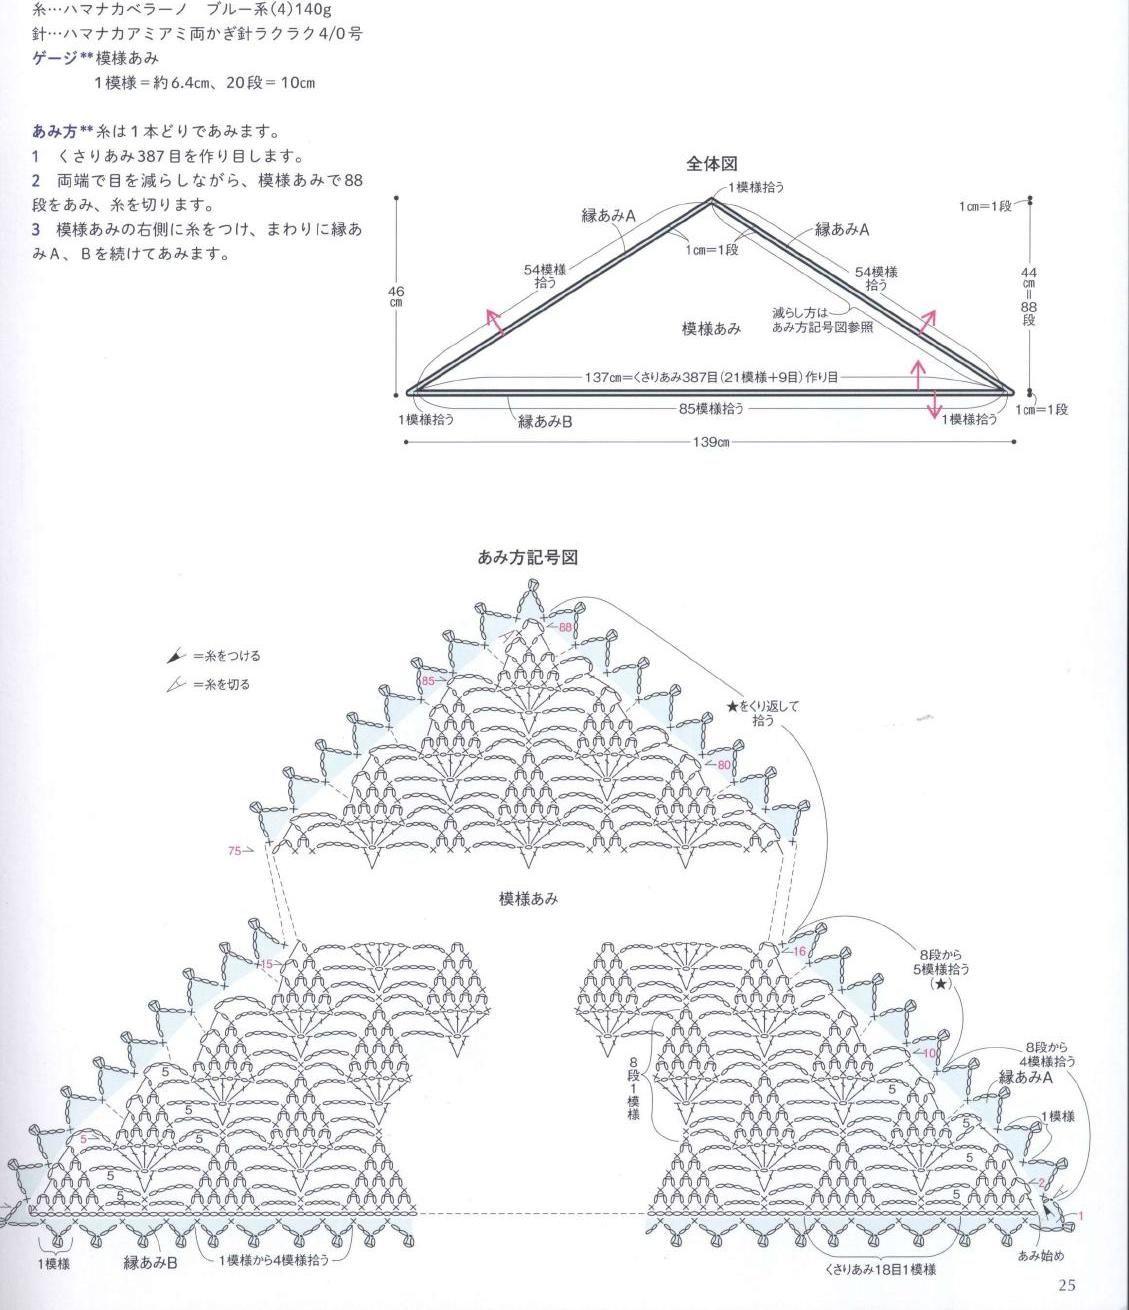 ClippedOnIssuu from http://issuu.com/vlinderieke/docs ...